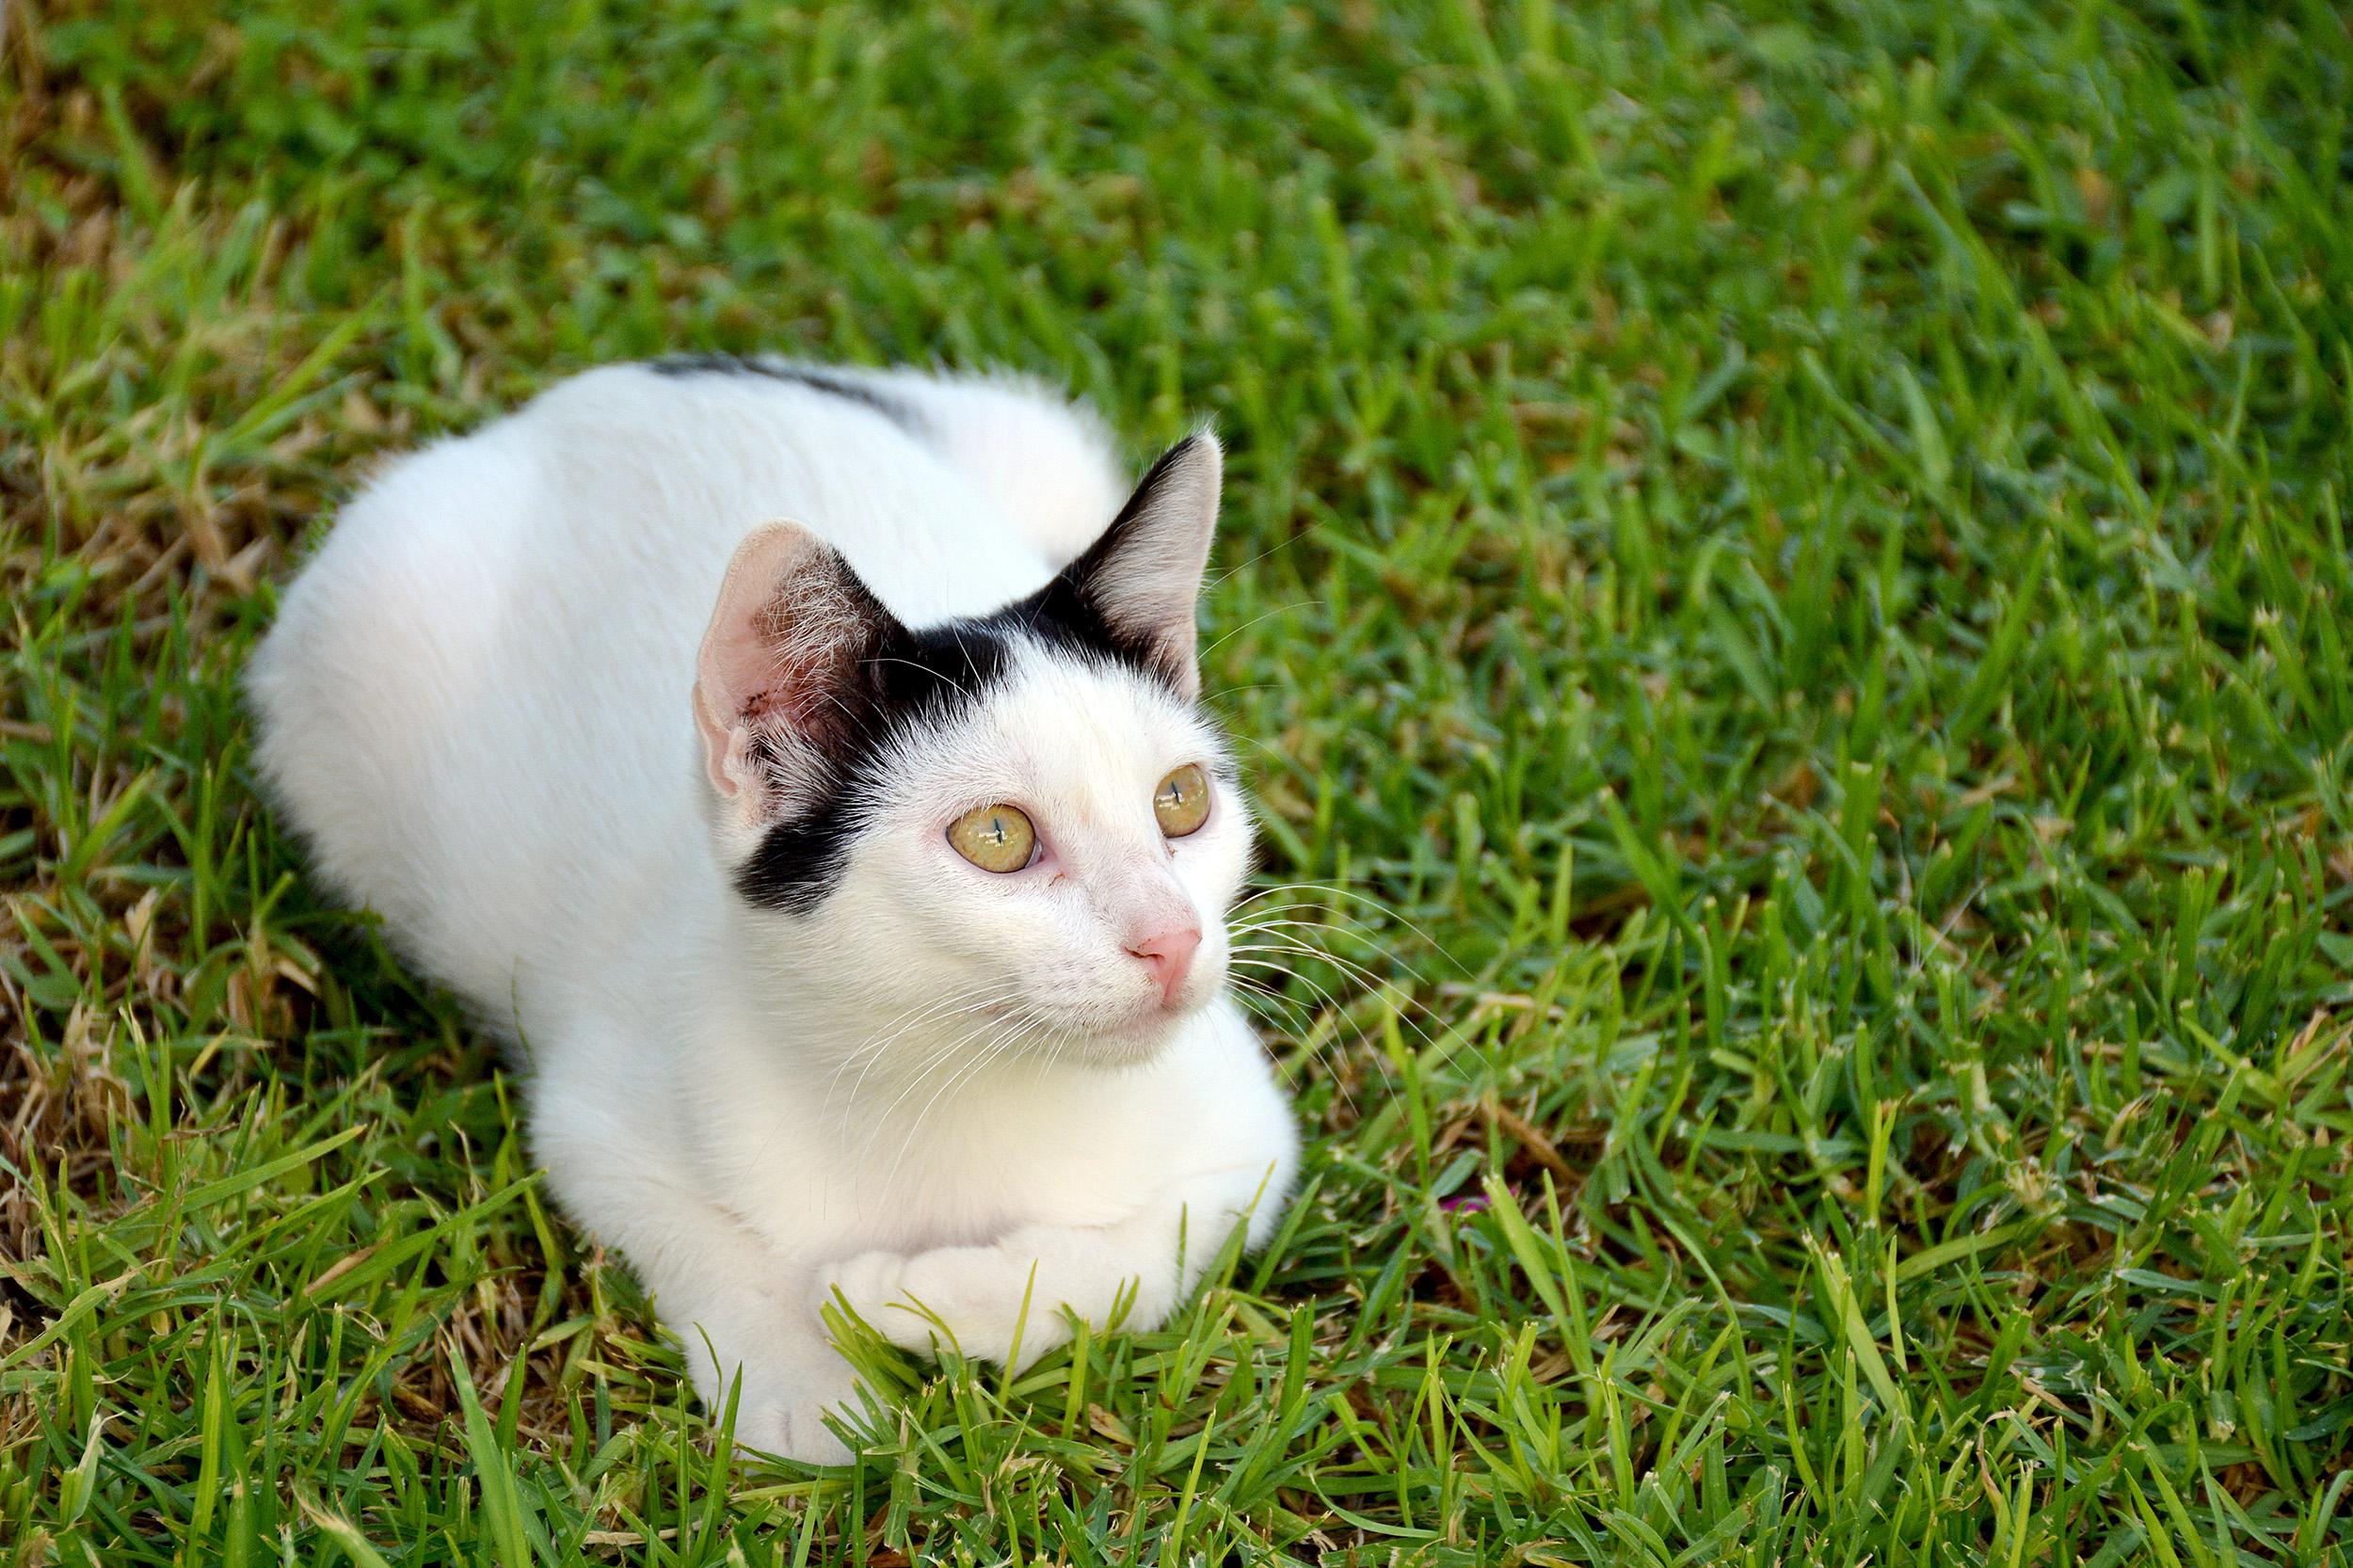 Katt Kos